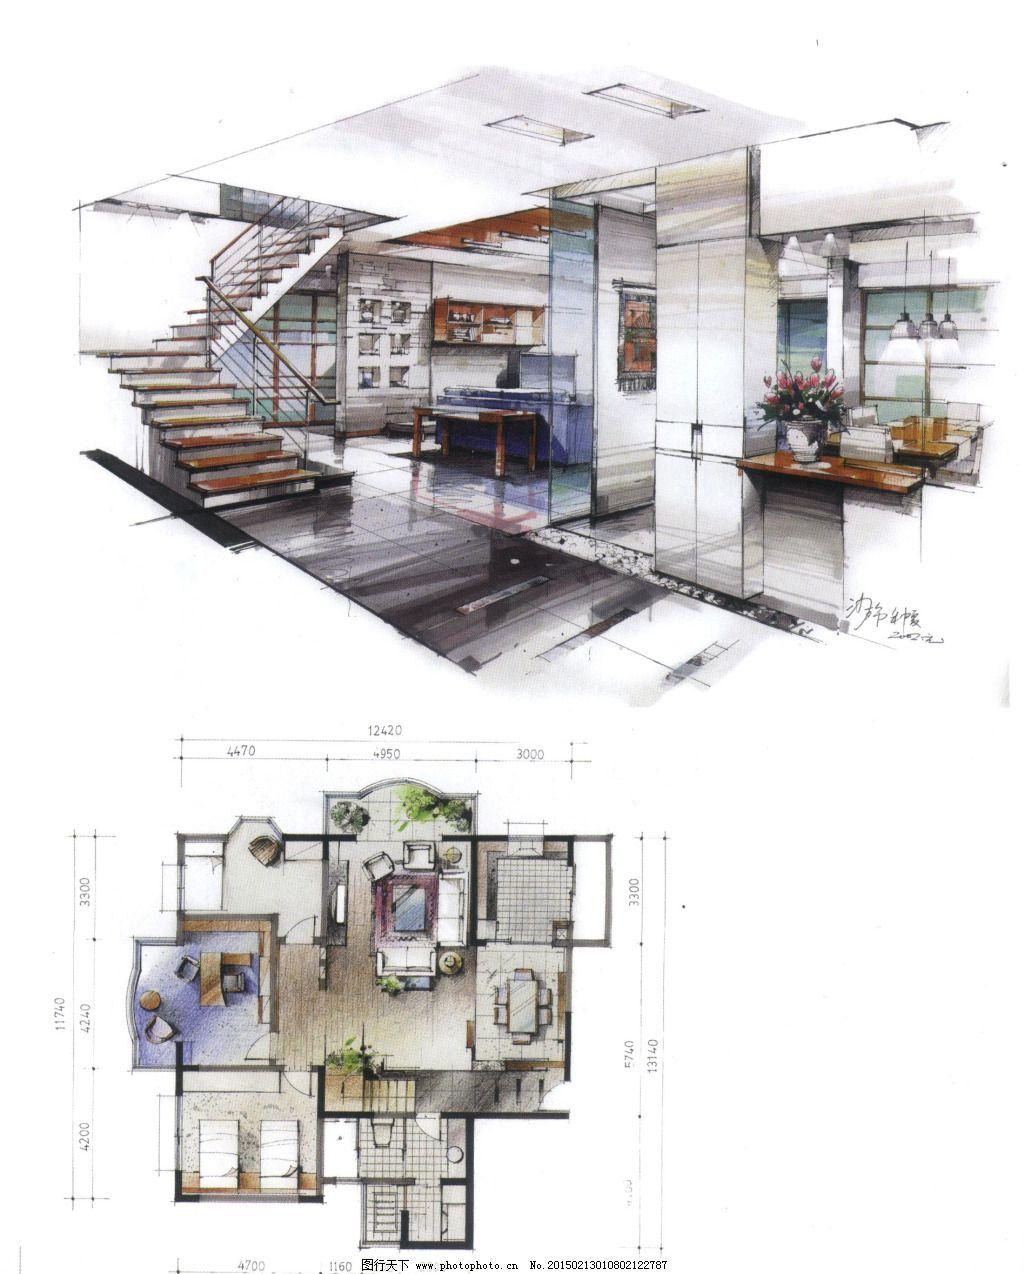 家居建筑 室内设计 手绘图片 房屋 房子 建筑透视图 房地产 城市建筑